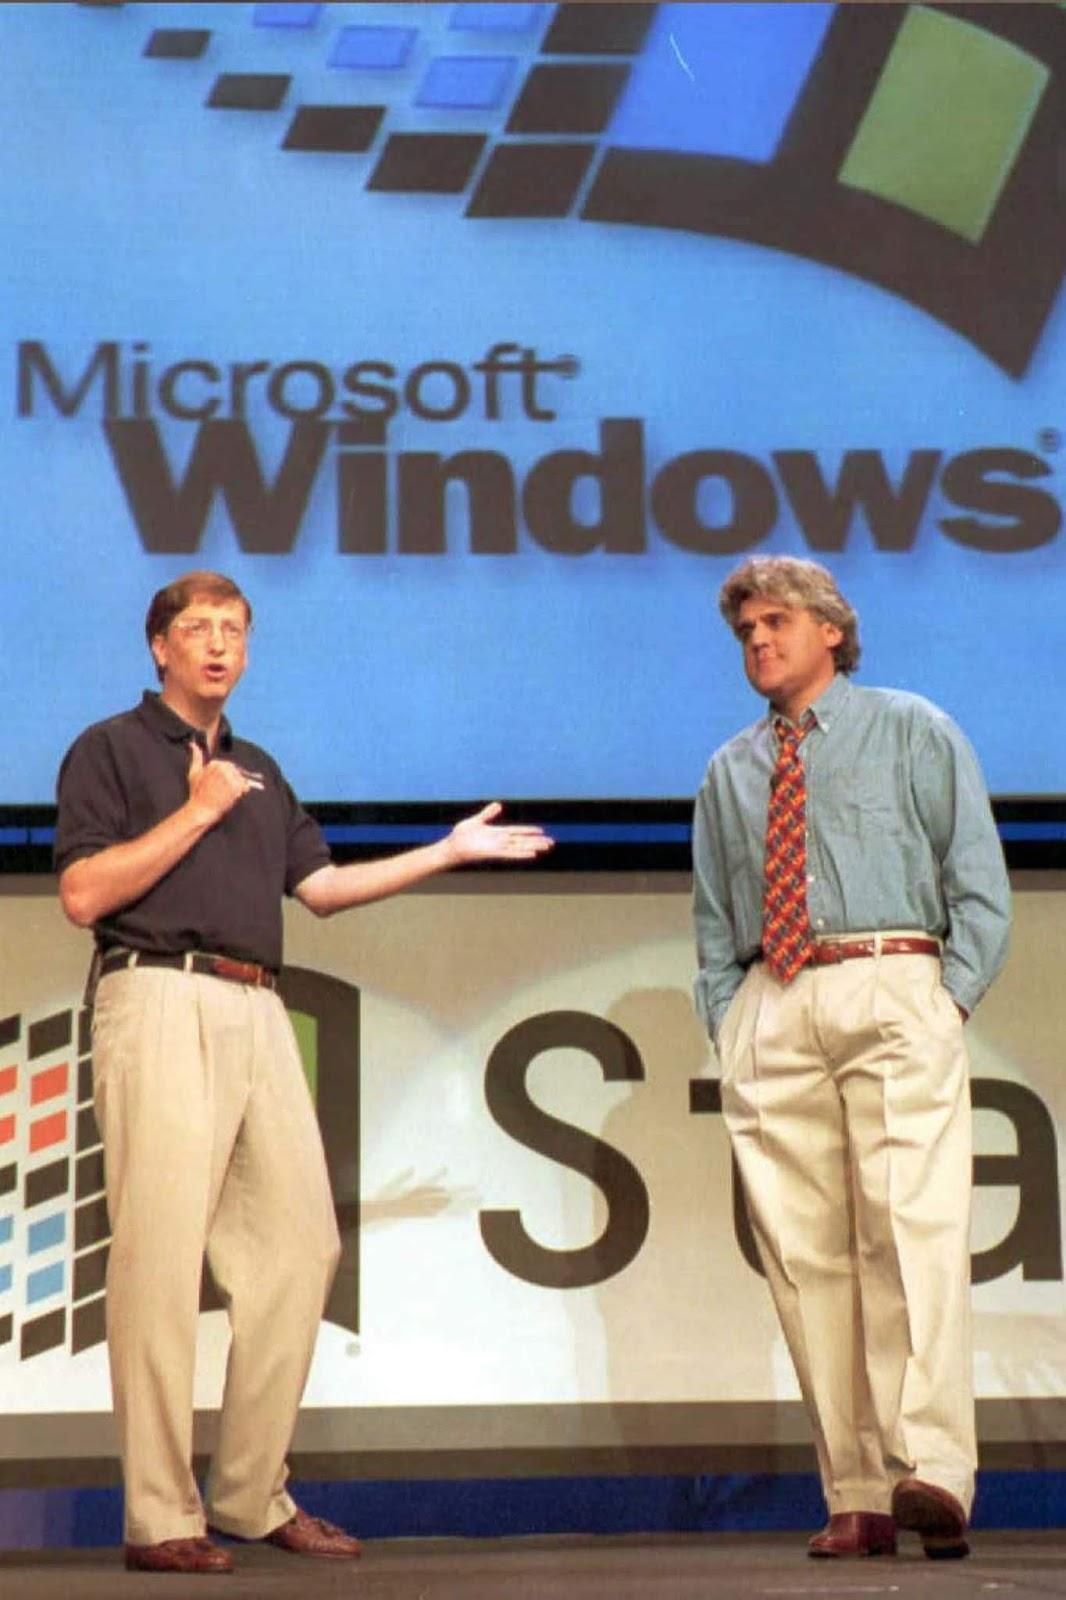 Windows 95 launch%2B%25289%2529 - Relembre a enorme histeria do lançamento do Windows 95 em 1995